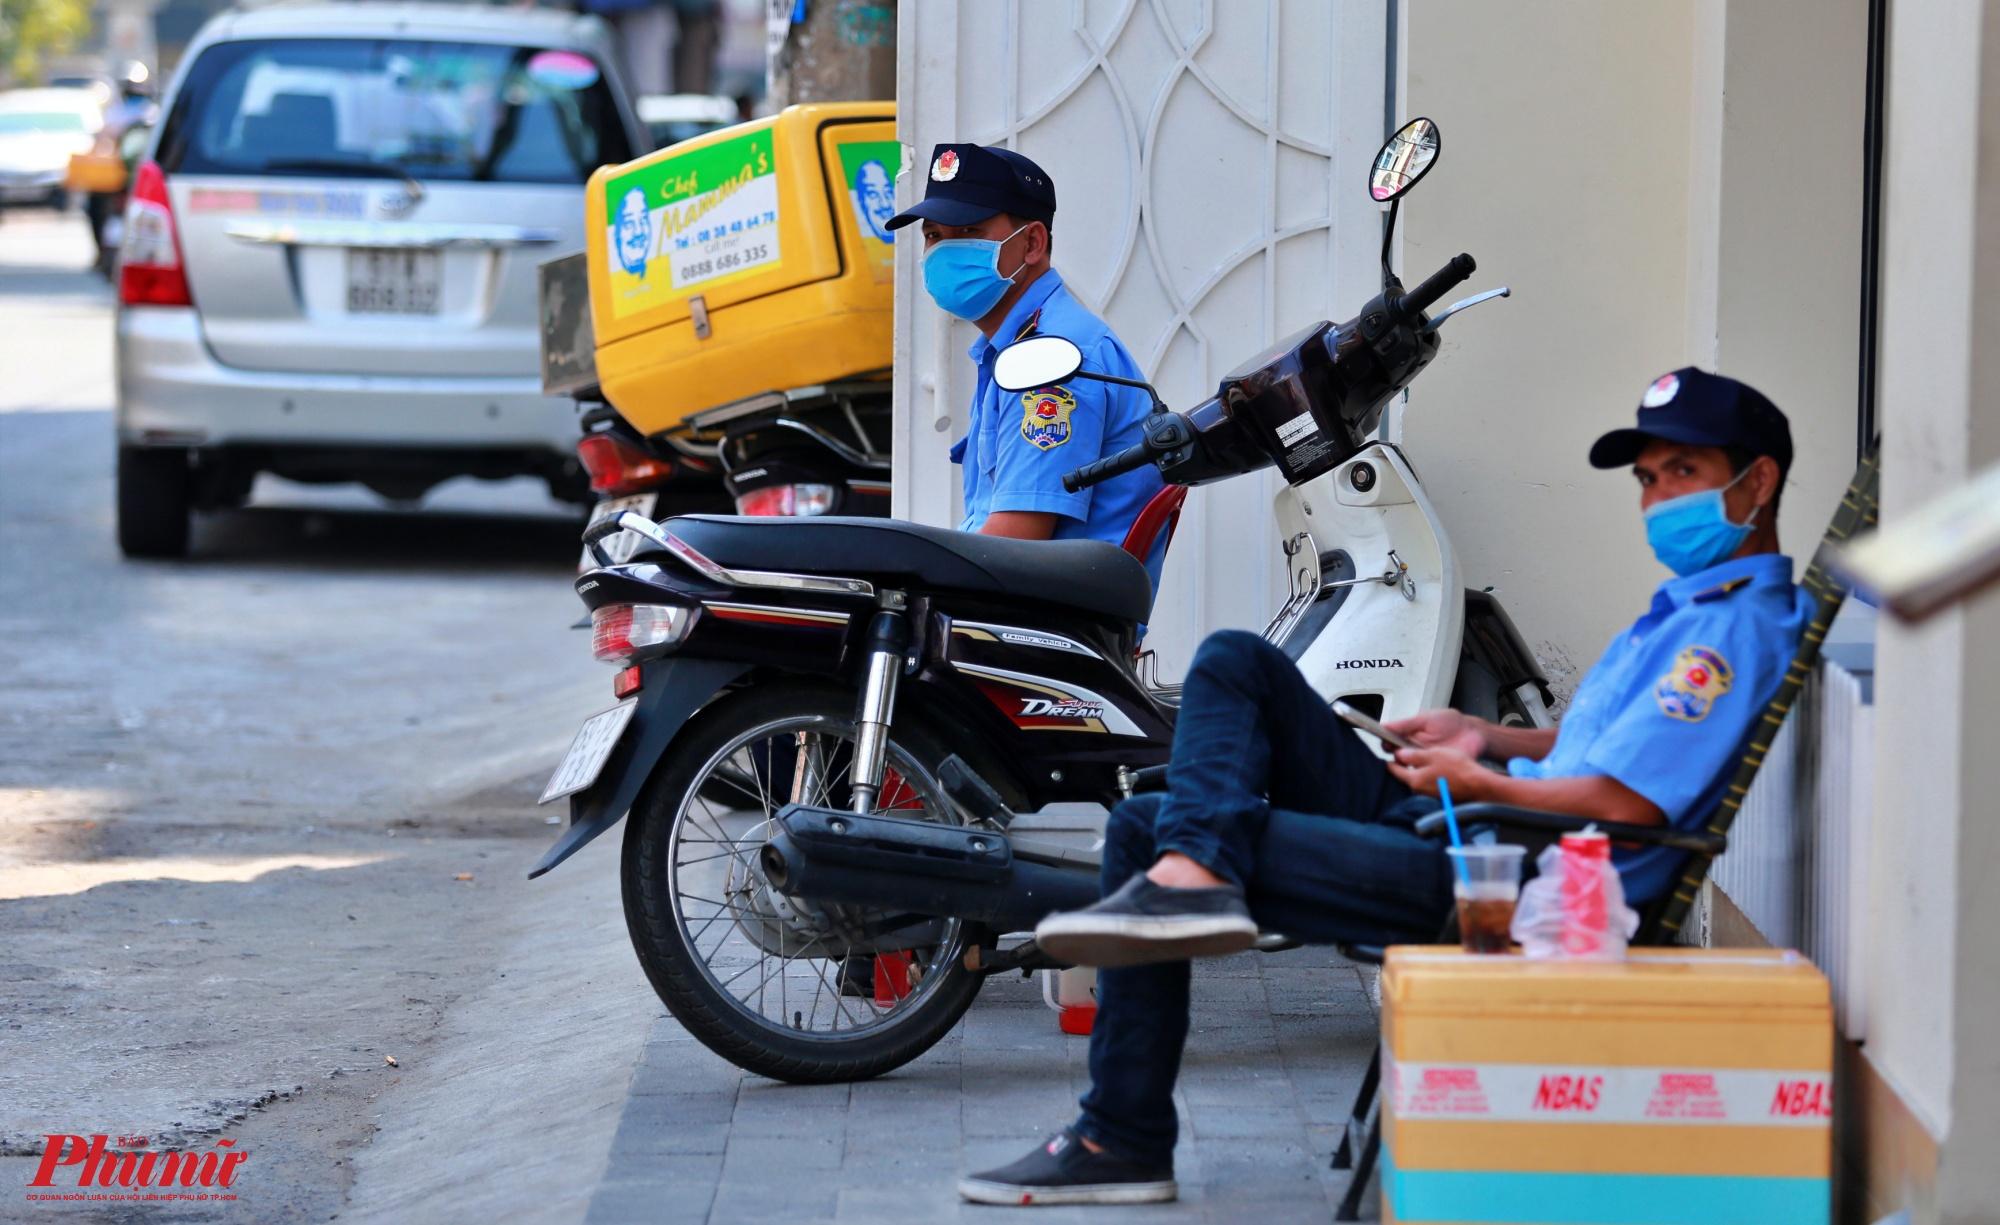 2 nhân viên bảo vệ của một siêu thị mini cũng ngồi buồn bã vì không có khách, họ cho biết từ sau tết đến giờ khu phố Hàn này cũng ít khách mà nay nghe thông tin Hàn Quốc bị lây nhiễm dịch COVID -19 thì các hàng quán ở đây càng vắng vẻ hơn.